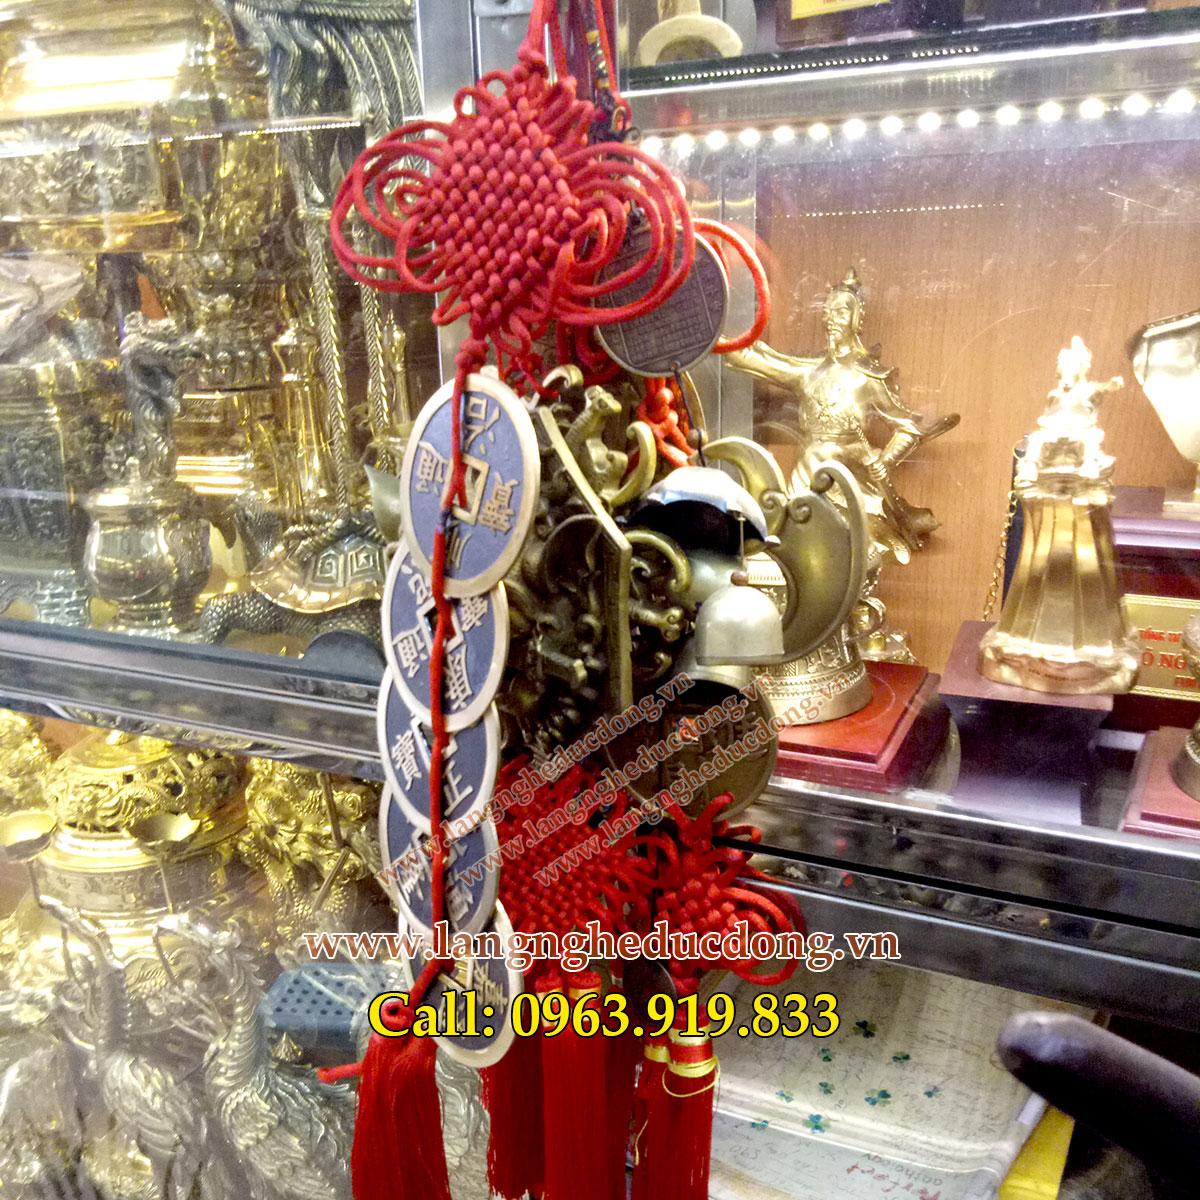 langngheducdong.vn - Tiền xu ngũ đế, tiền ngũ đế phong thủy, bán tiền xu ngũ đế, giá xâu tiền xu ngũ đế